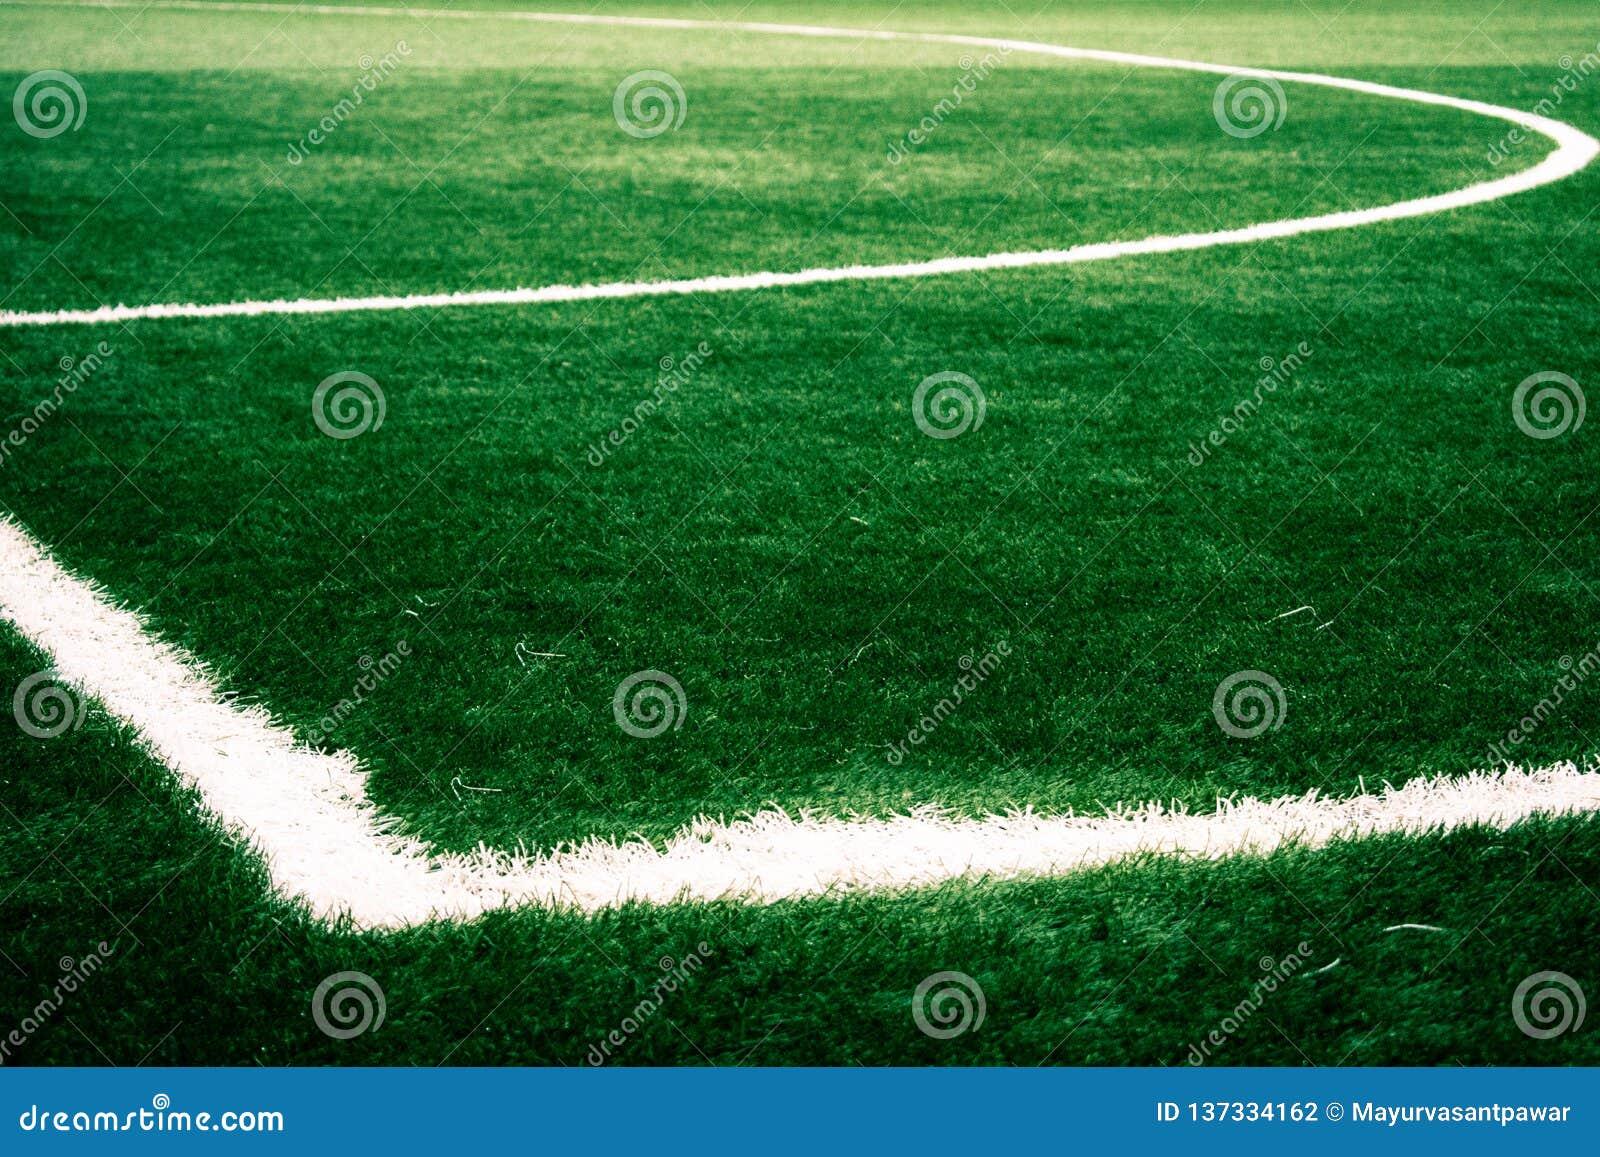 Έδαφος παιχνιδιού ποδοσφαίρου που πυροβολείται για τα κοινωνικά μέσα που εμπορεύονται και που διαφημίζουν